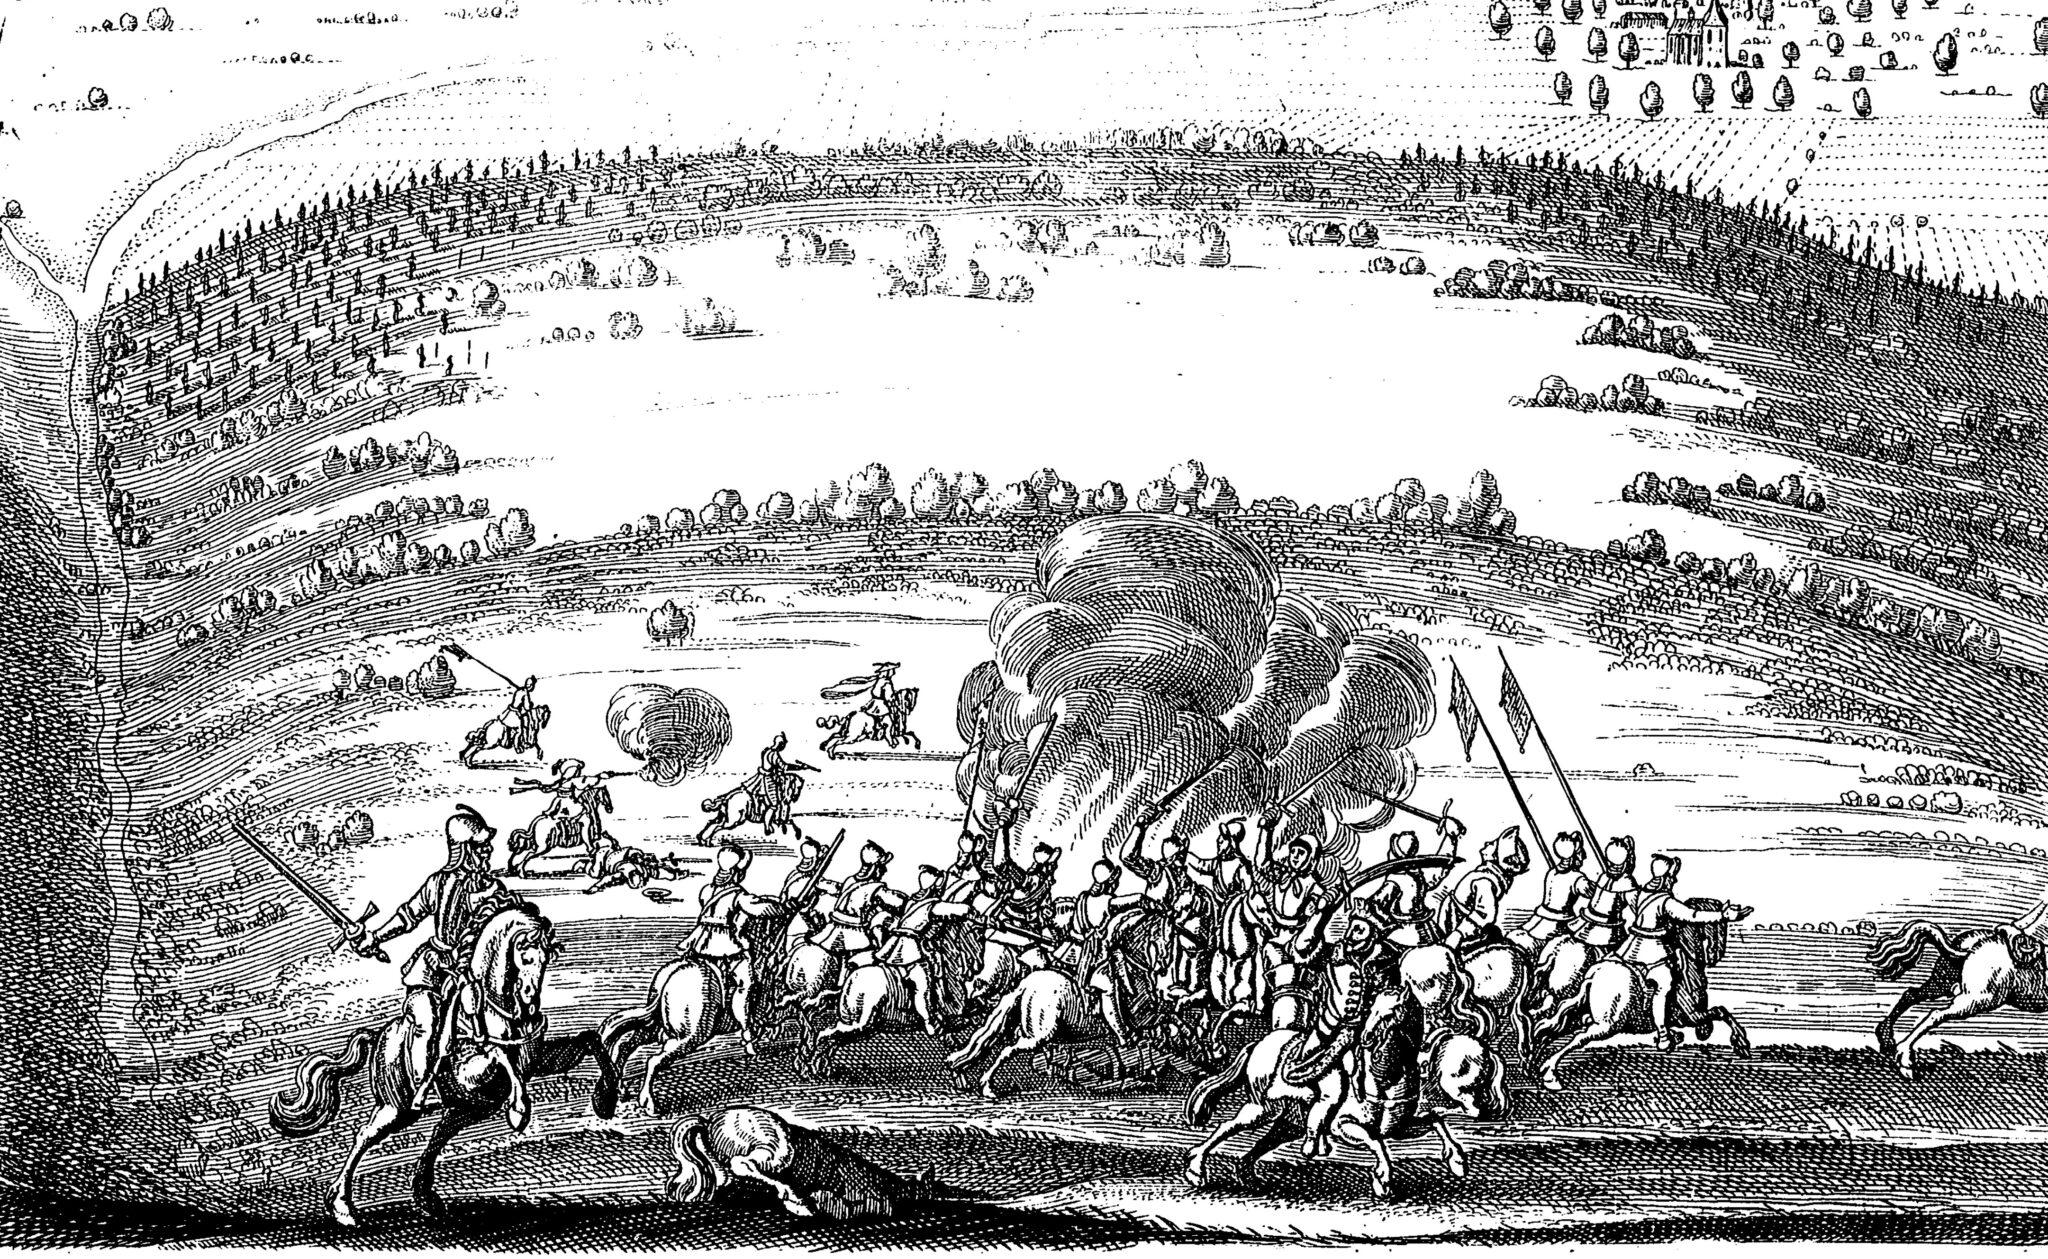 Druckgrafik der Schlacht bei Rheinfelden 1638. Entstanden um 1670.